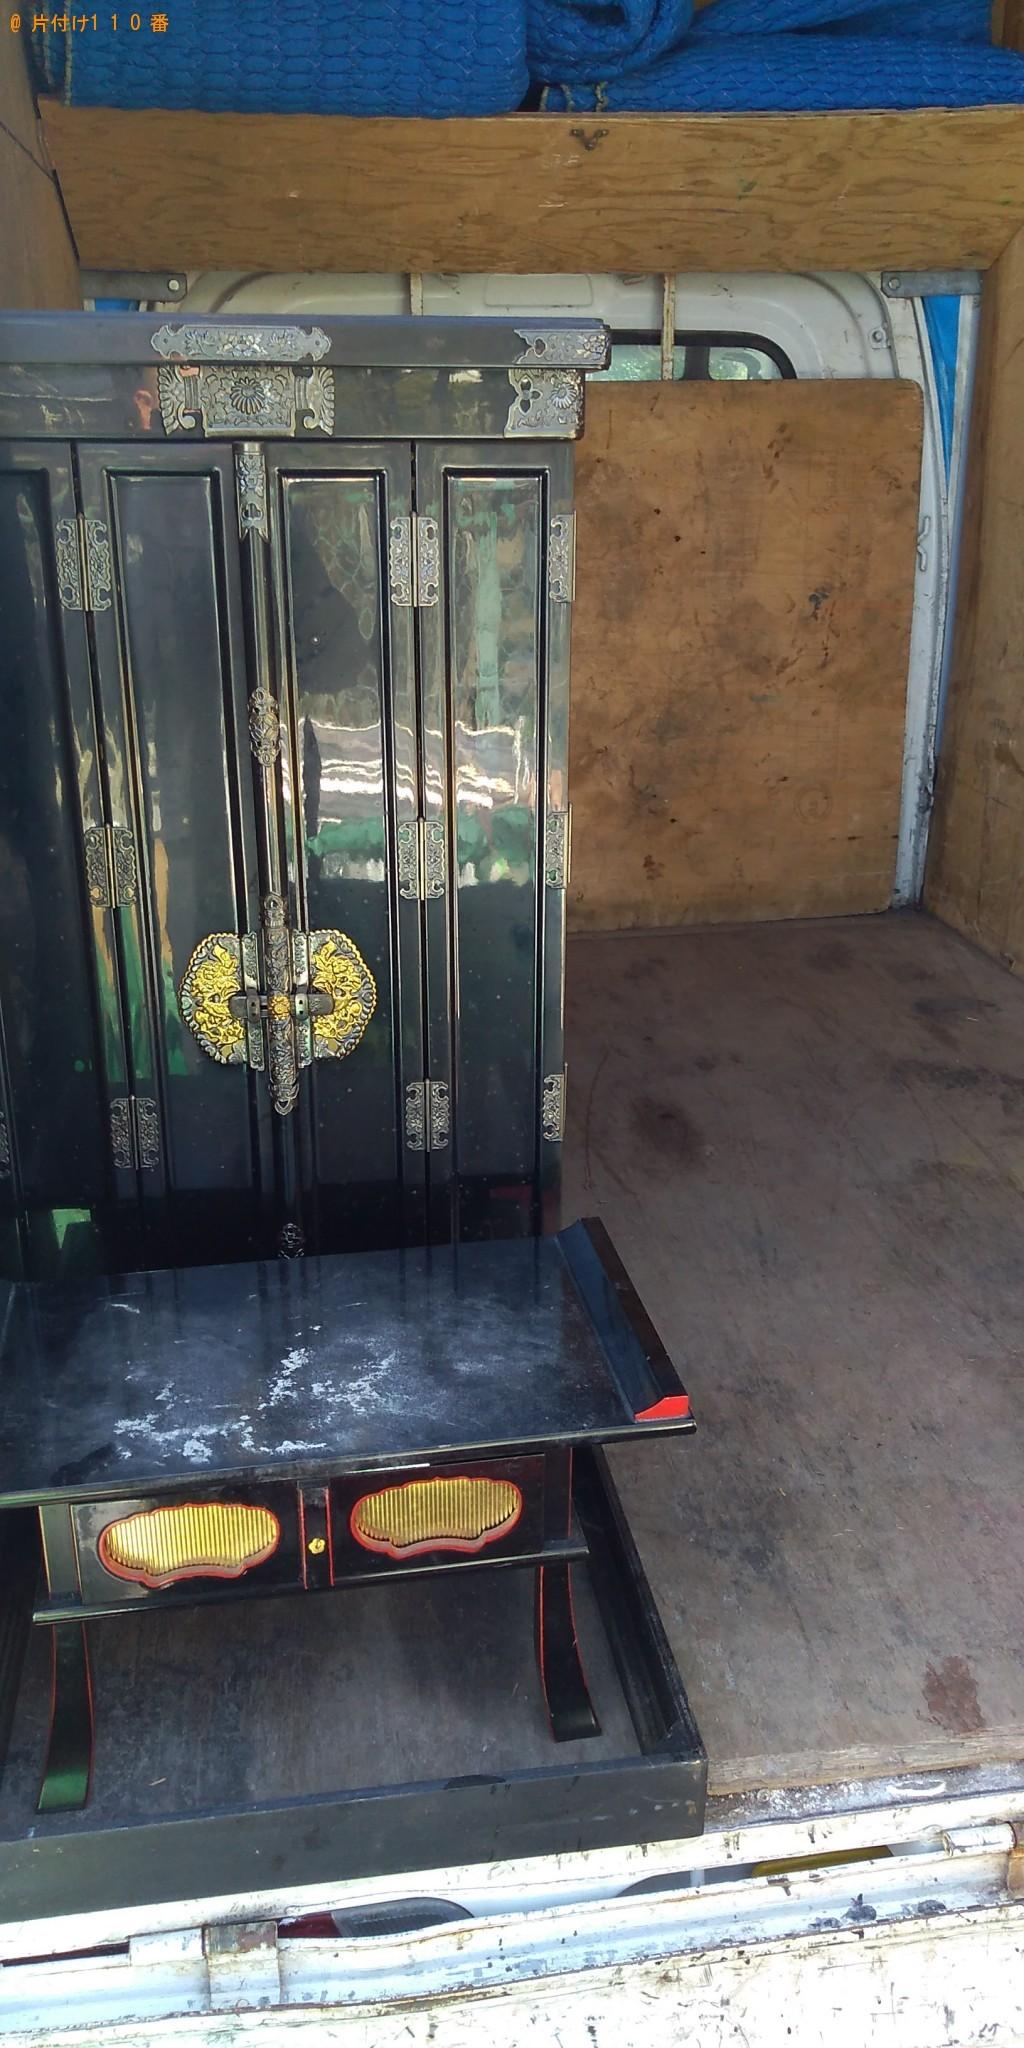 【霧島市溝辺町】仏壇の回収・処分ご依頼 お客様の声